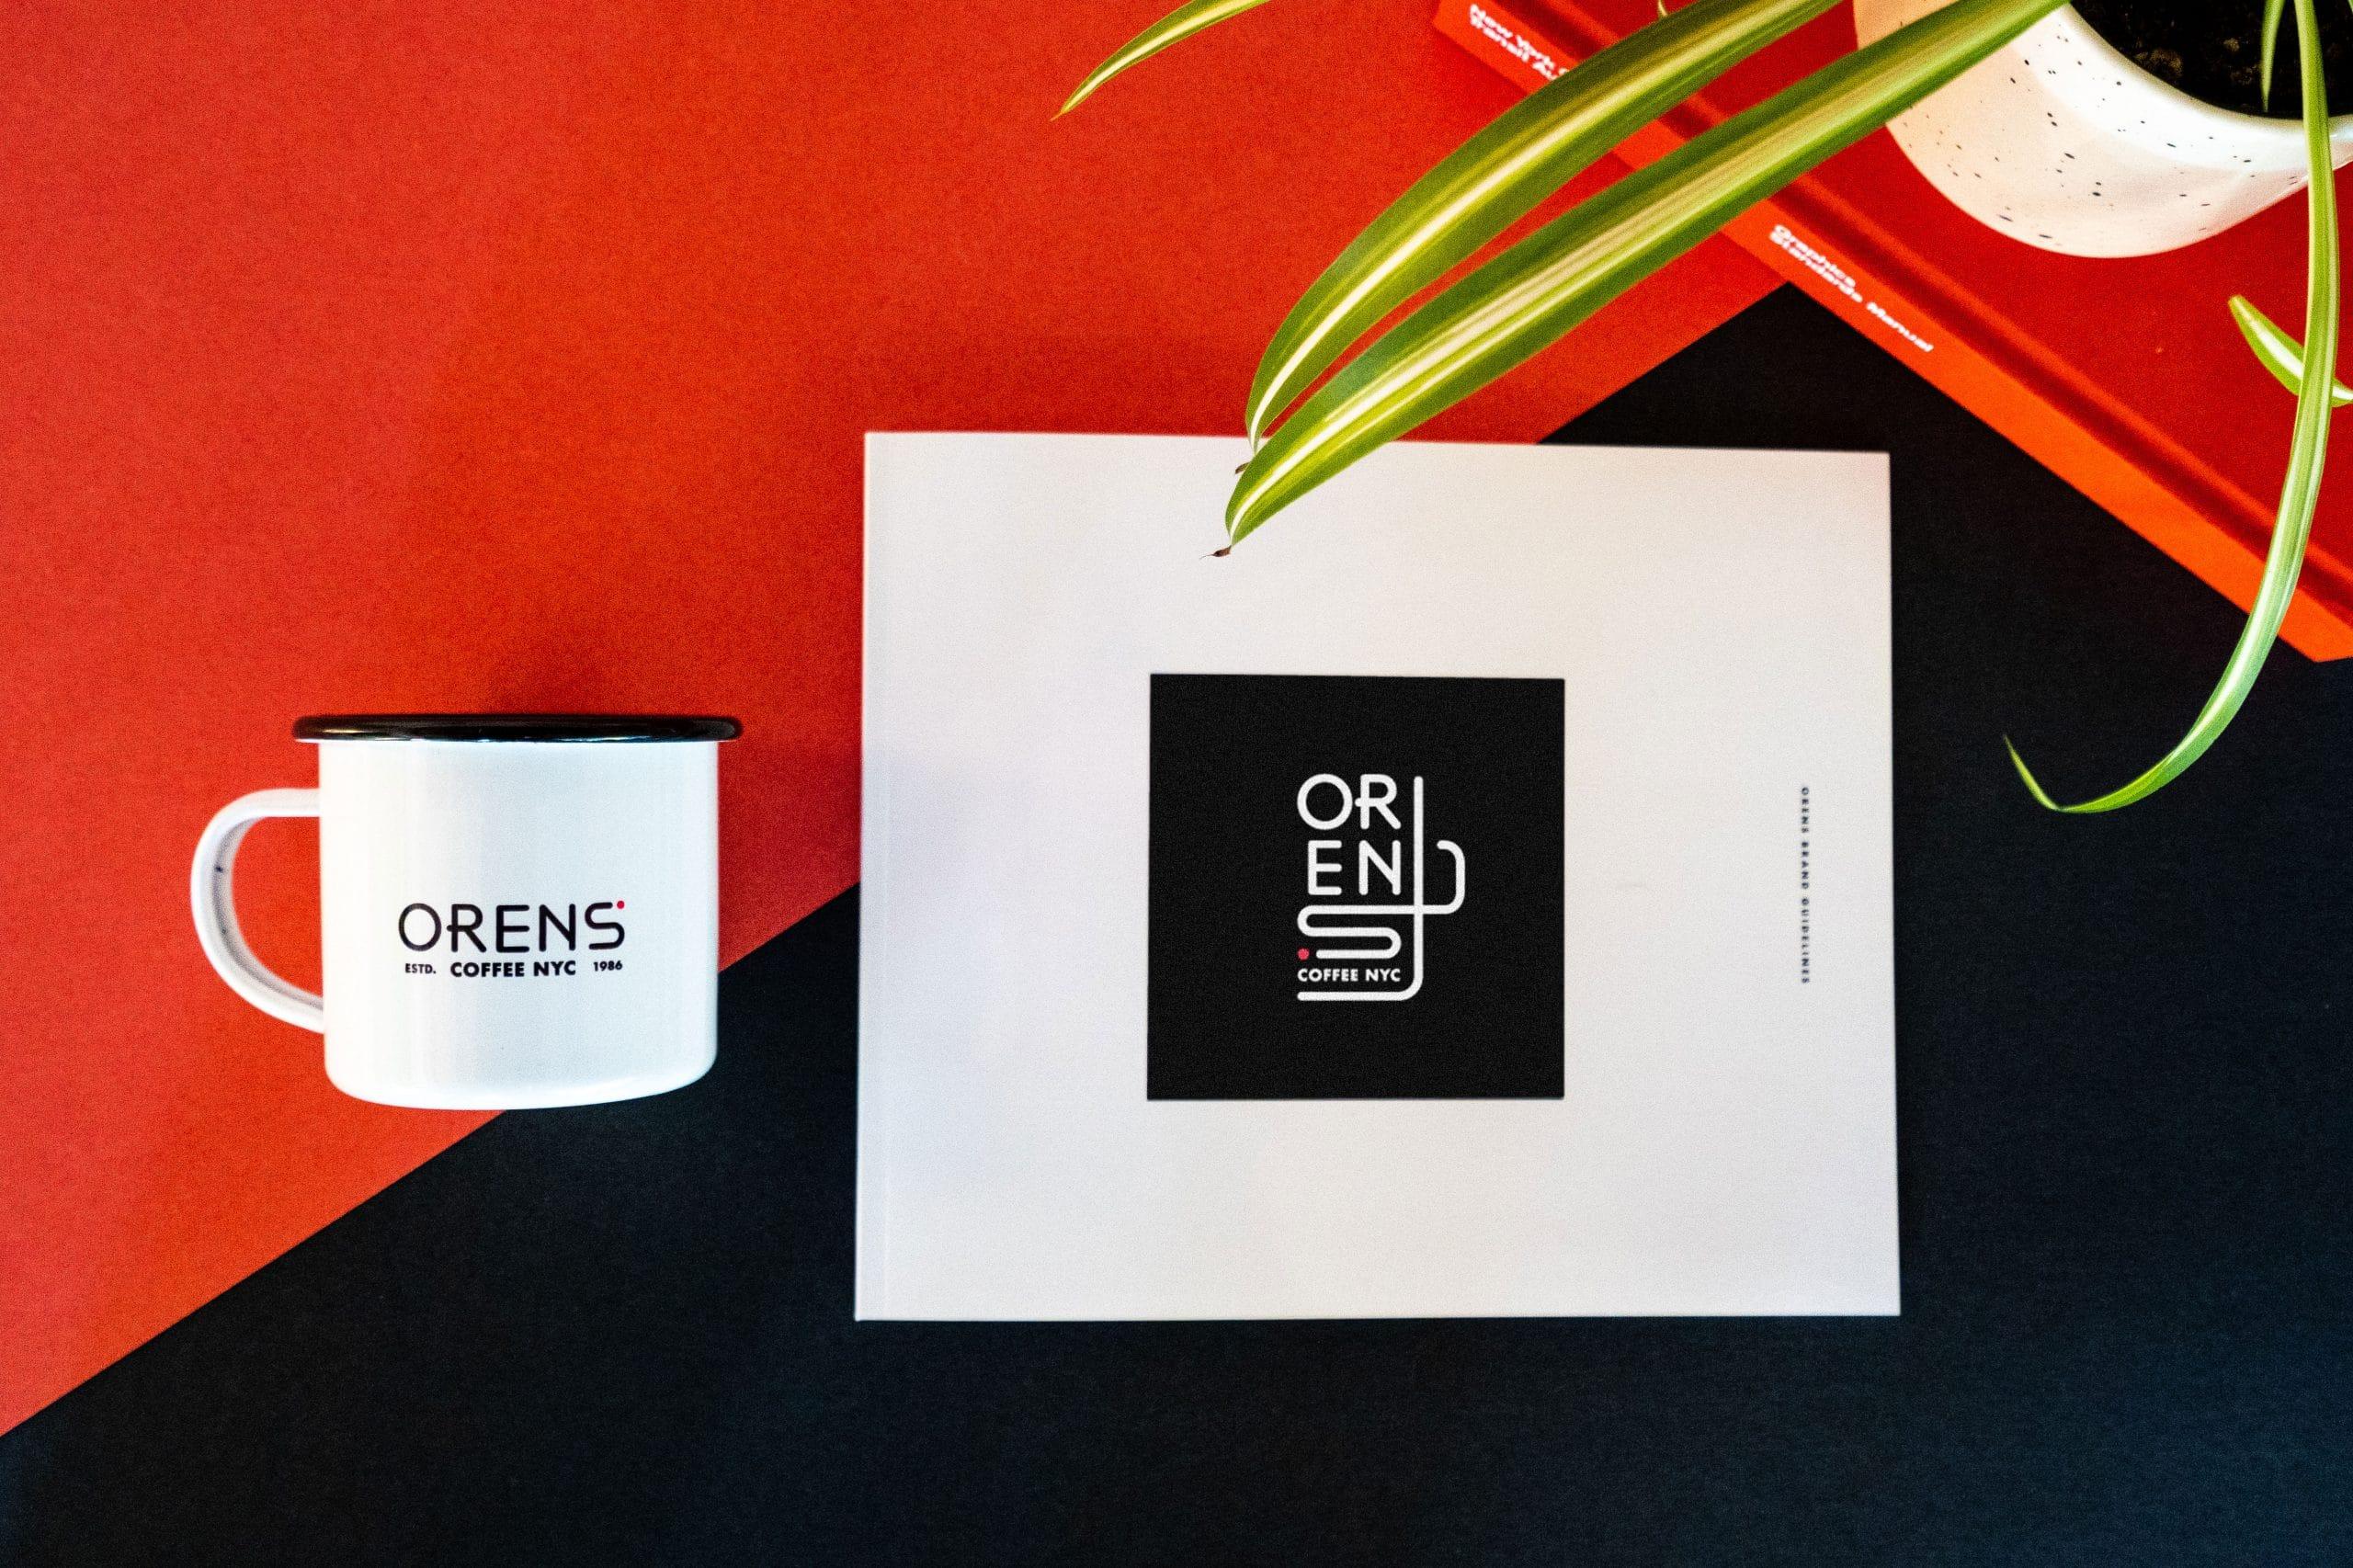 orens new logo